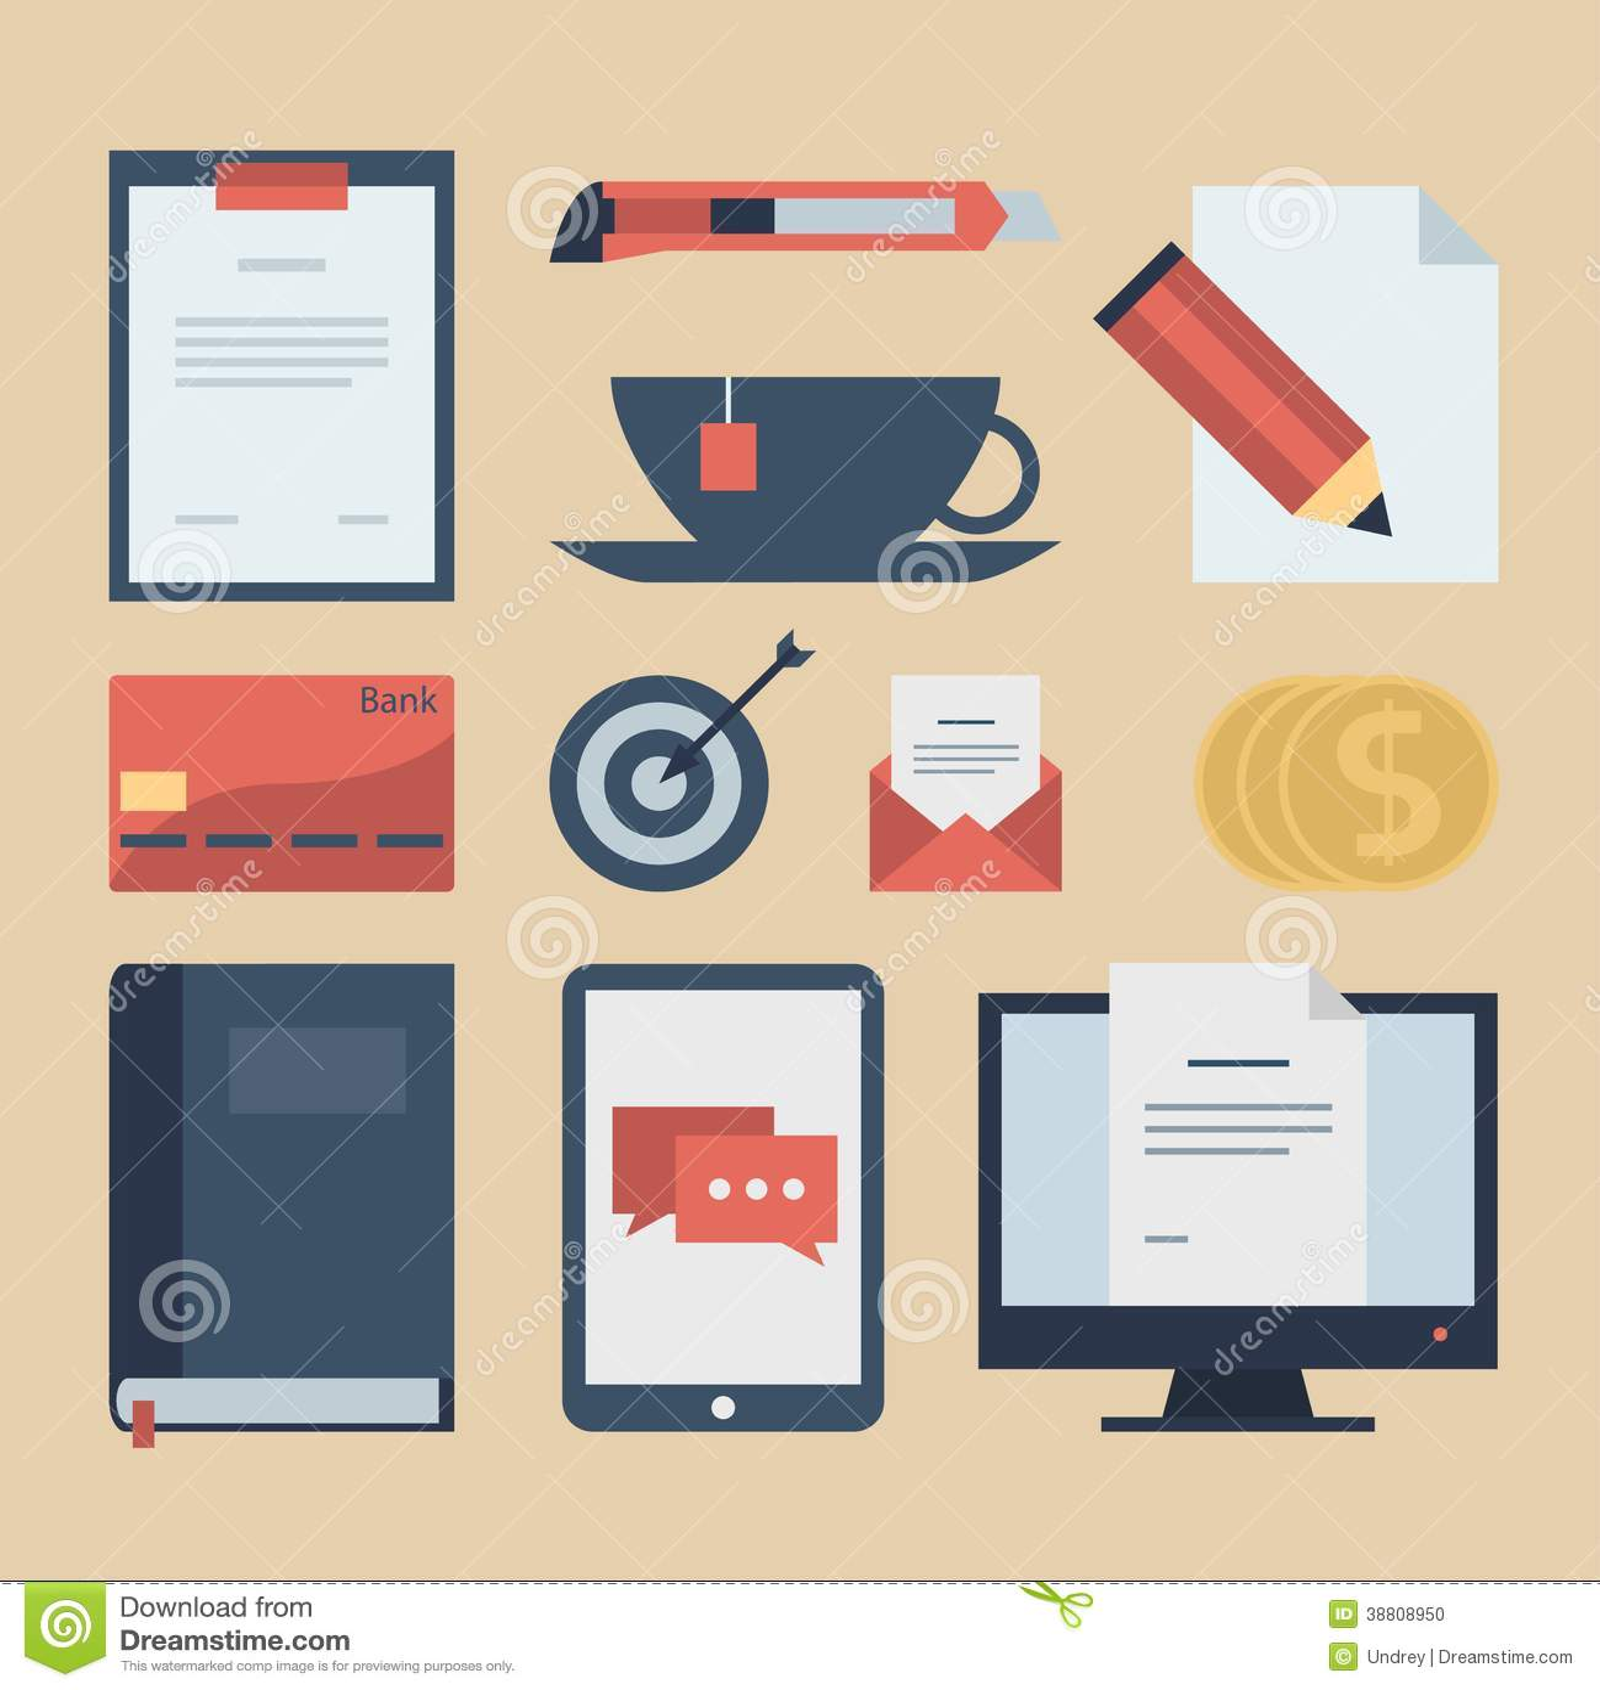 Iconos planos modernos colección, objetos del diseño web, negocio, finanzas, oficina y artículos del márketing